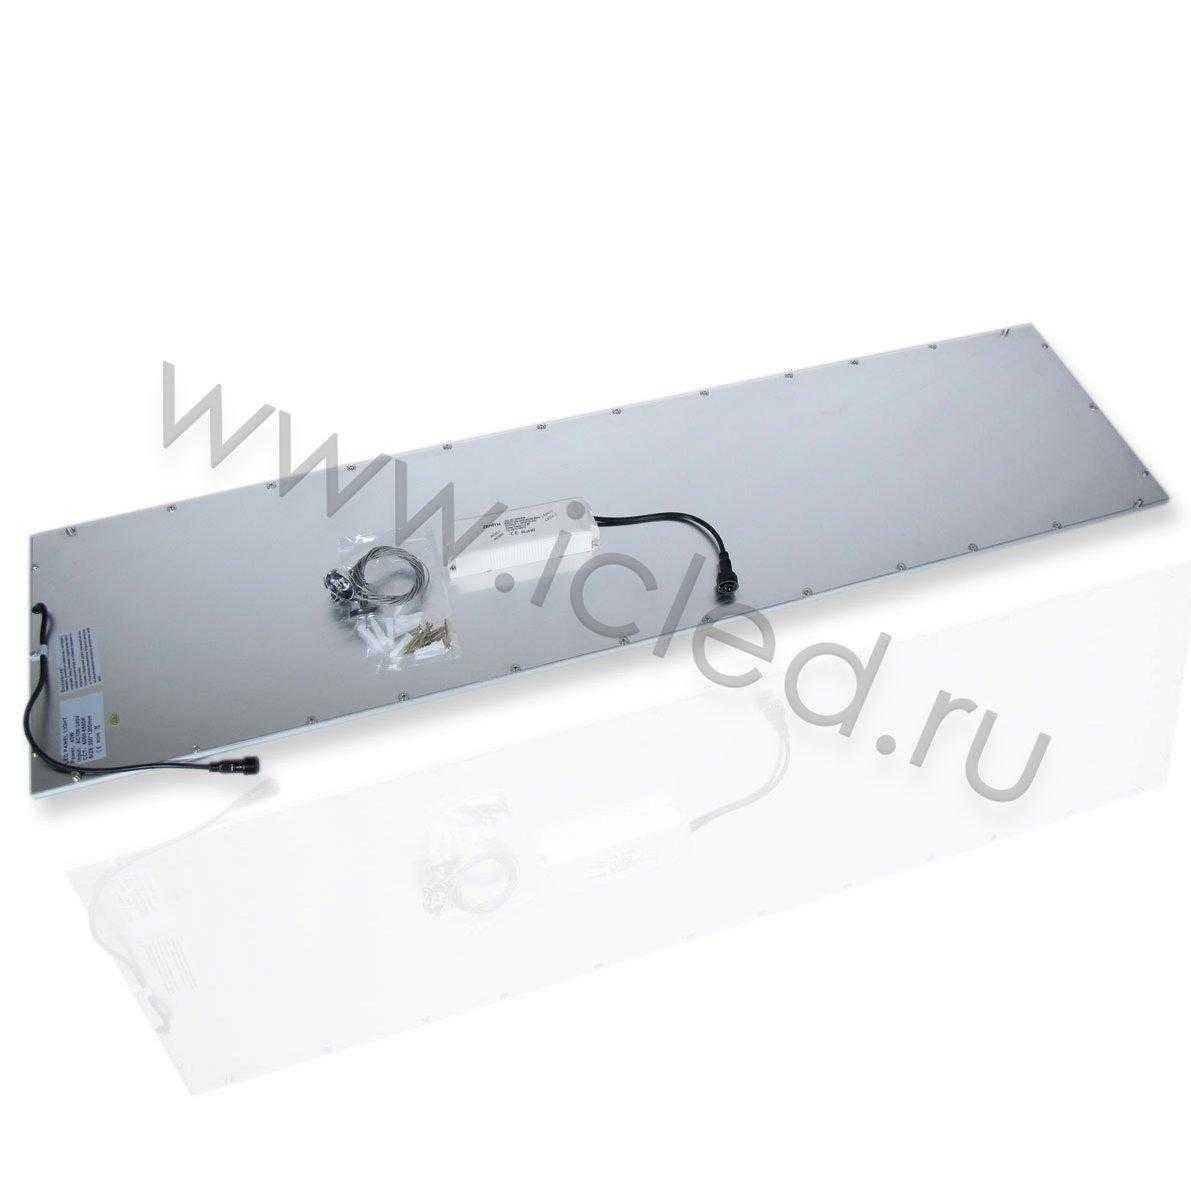 Светодиодная панель 300x1200 (45W, 220V, Day White)